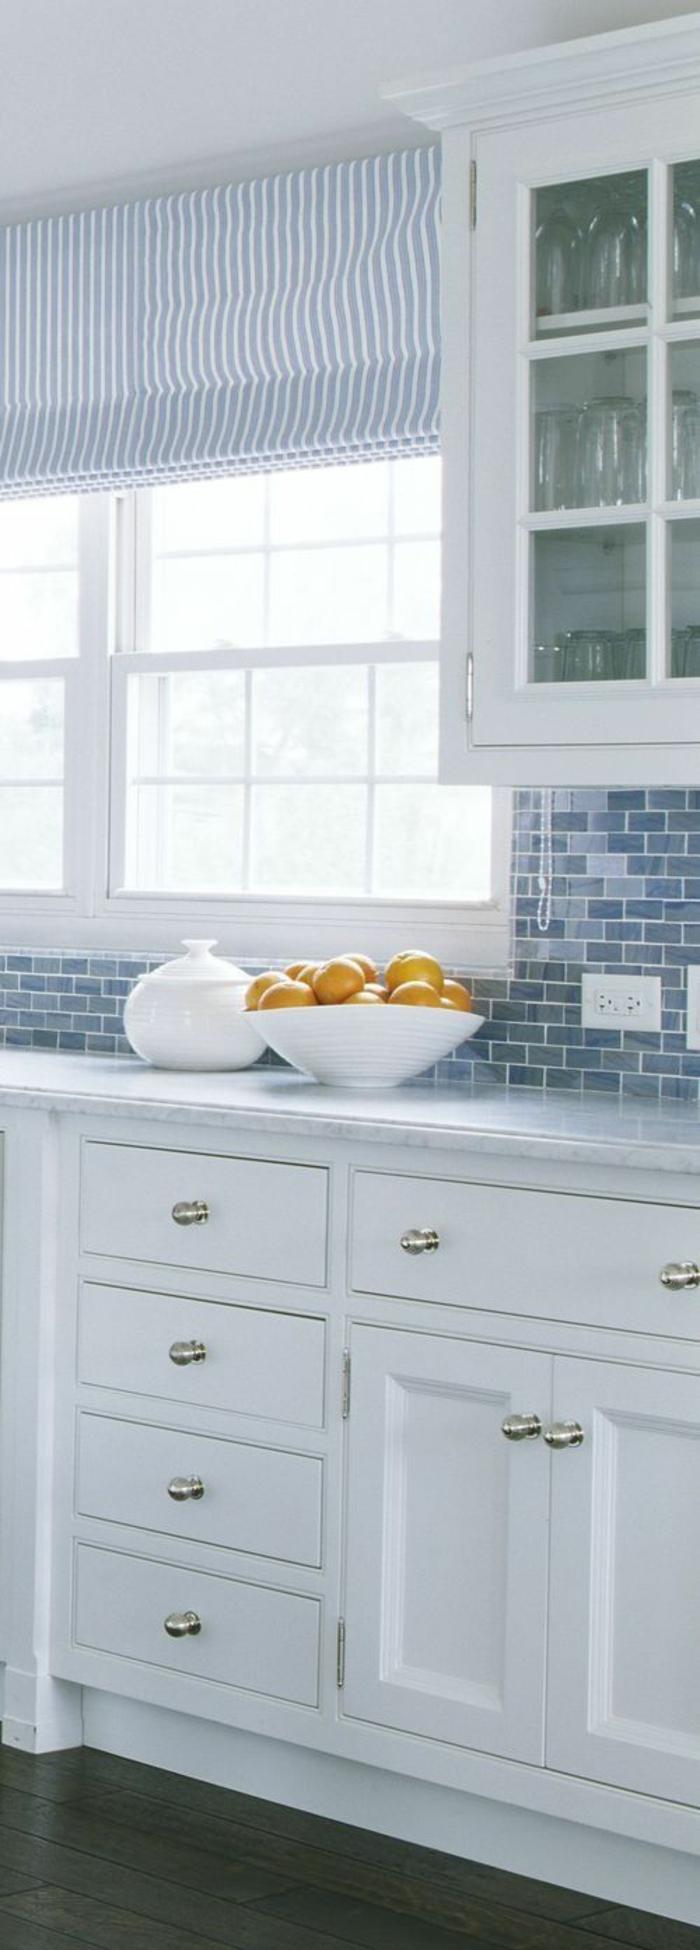 cuisine bois clair, quelle couleur pour les murs d'une cuisine, meubles massifs en blanc, mosaïque bleu au-dessus du plan de travail